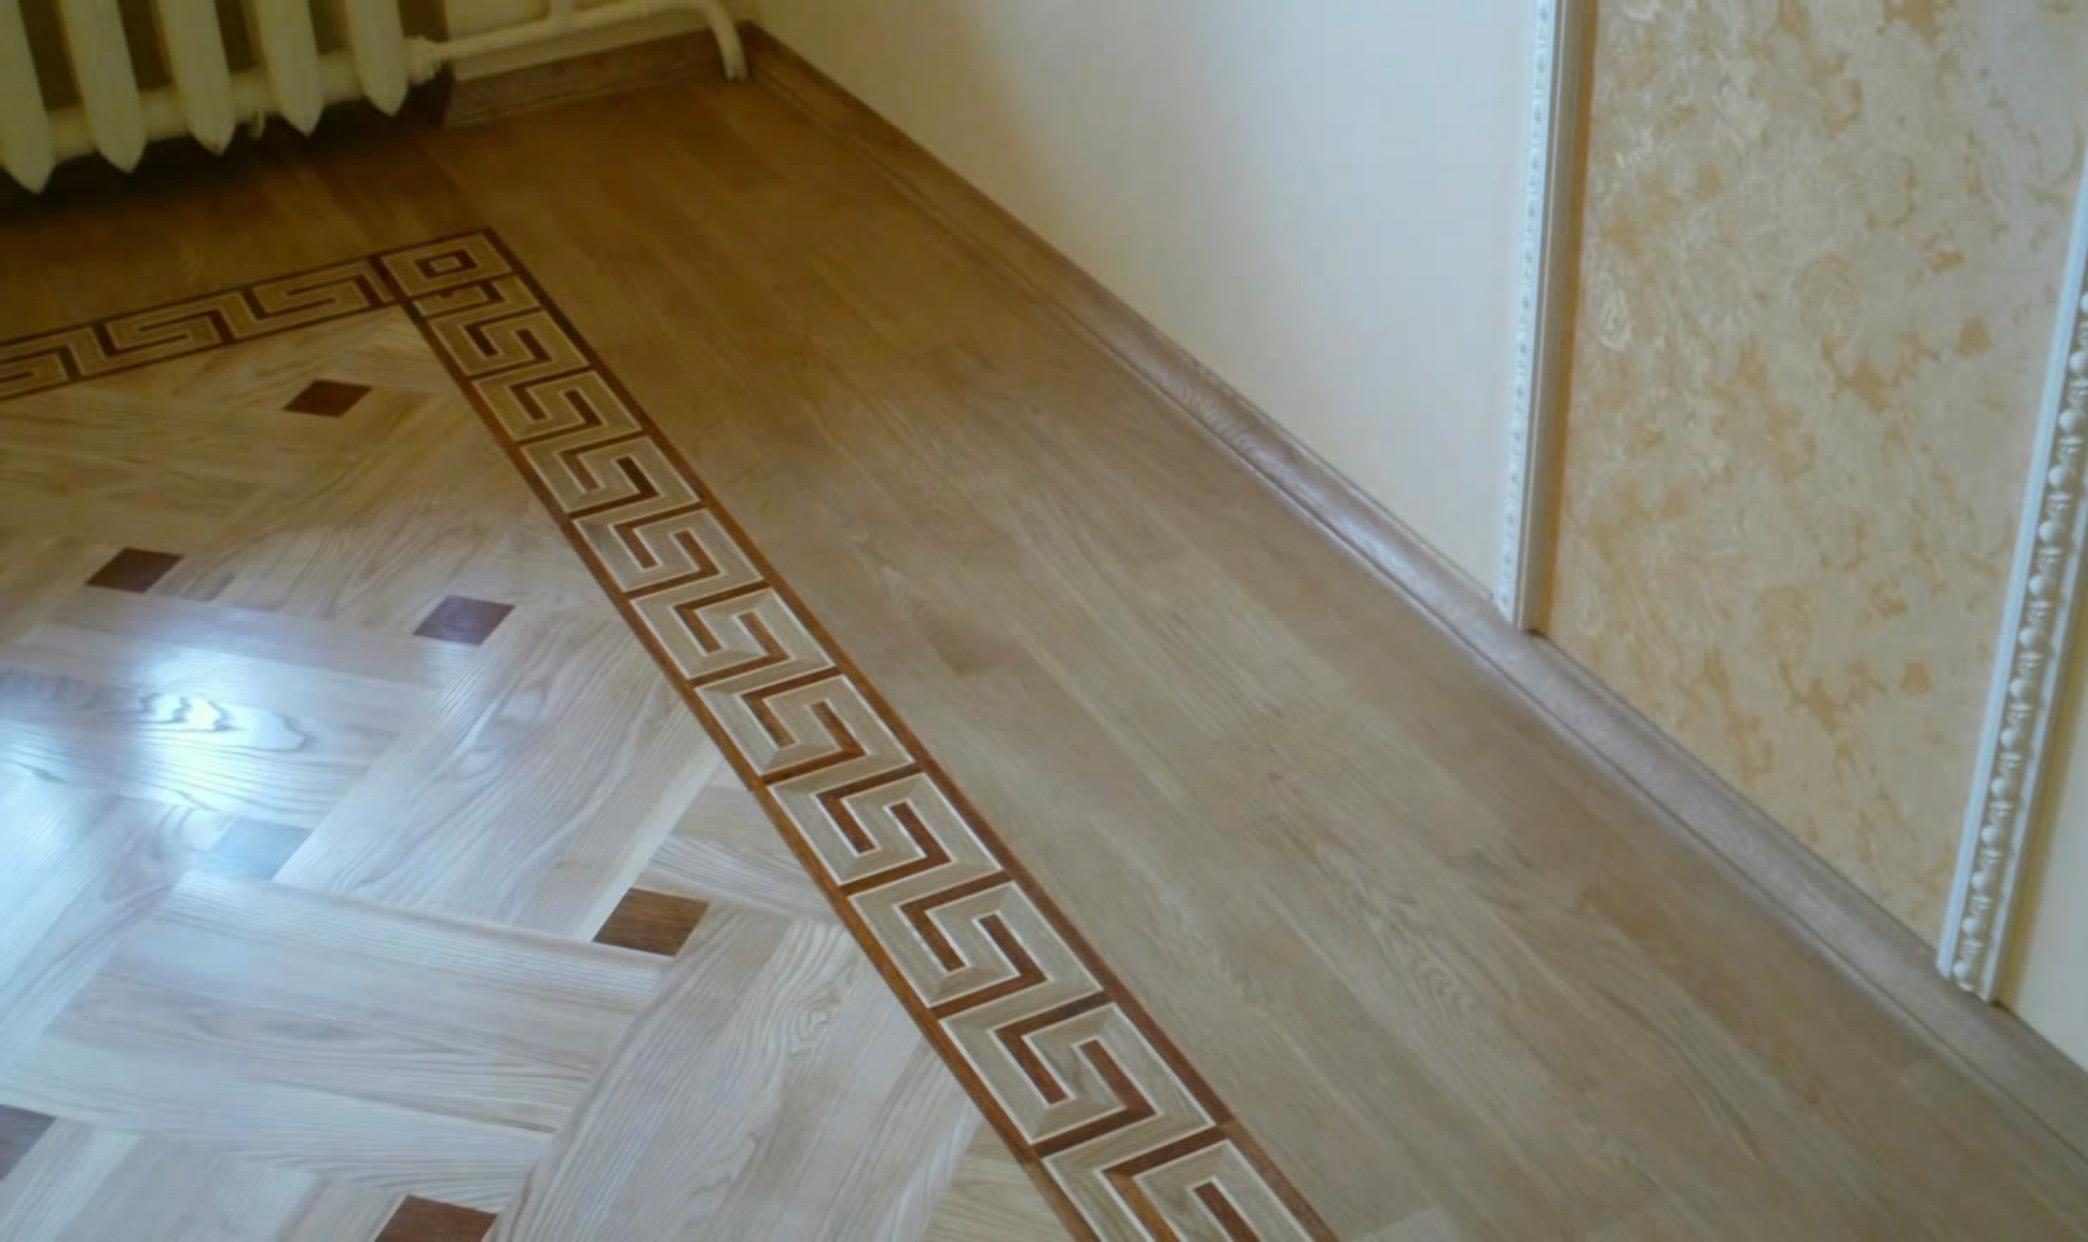 sàn gỗ caro sơn hệ gốc nước phúc long